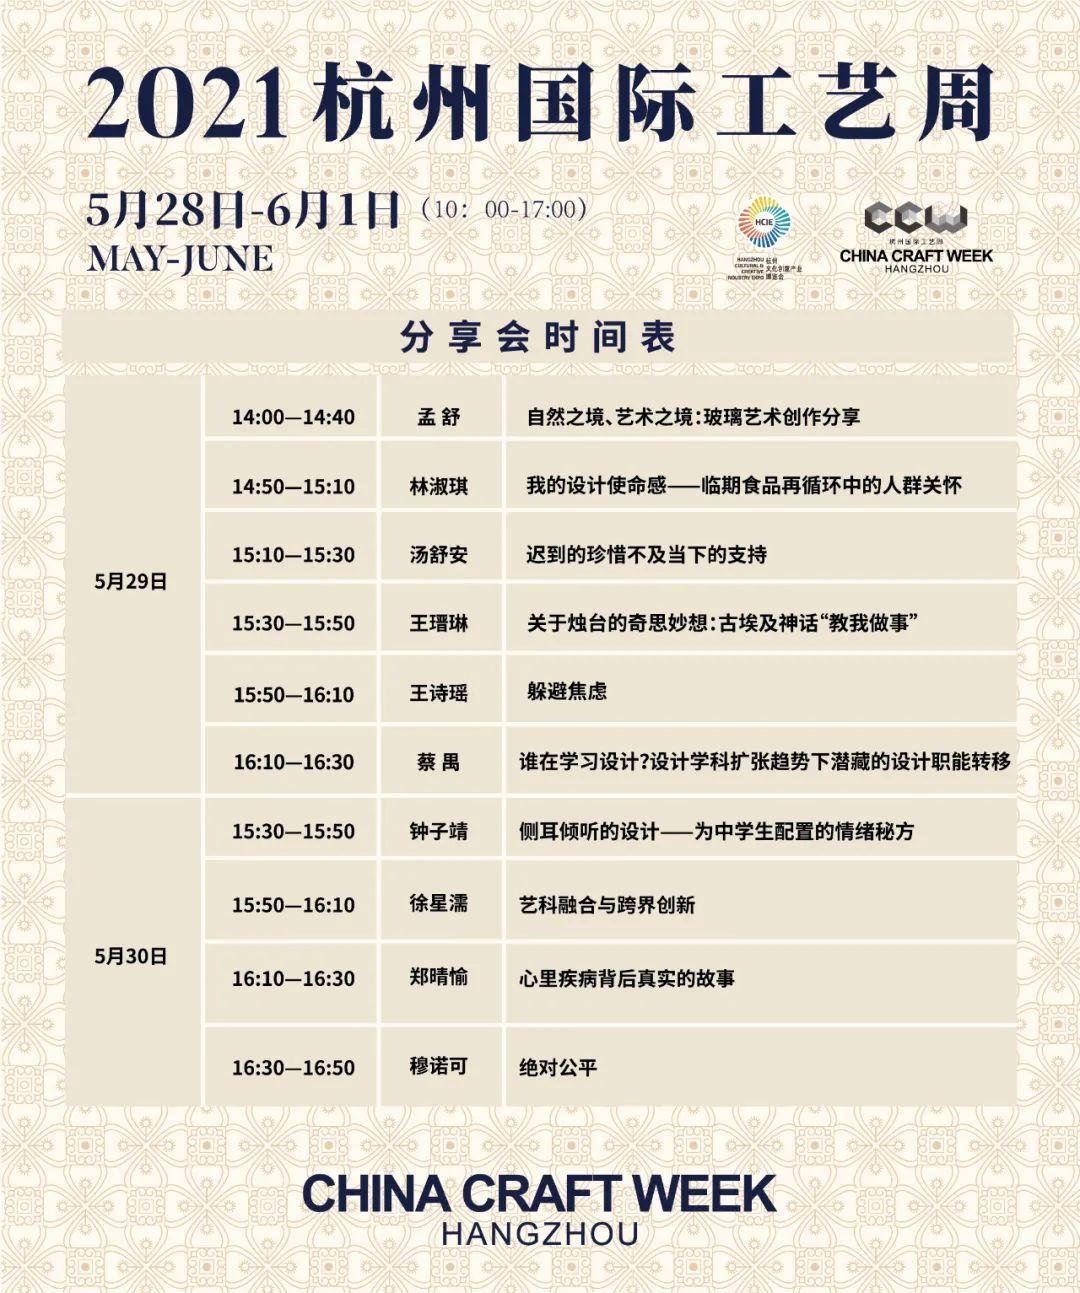 杭州国际工艺周将于本周五(5月28日)正式开幕!